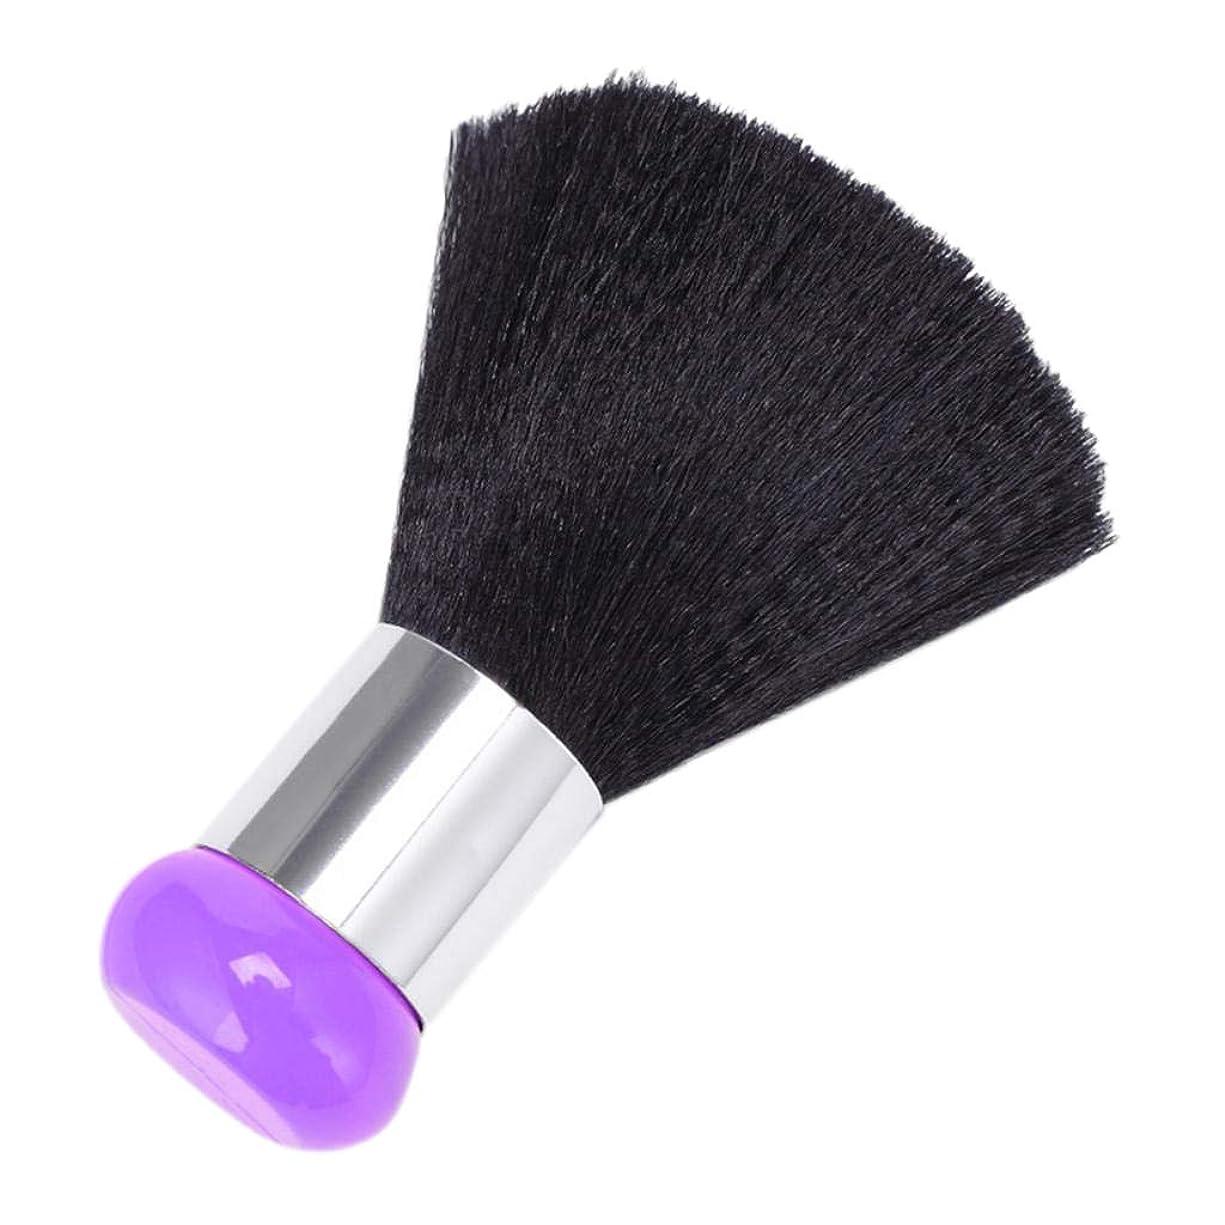 ズボン水差し前兆B Baosity ヘアカット ネックダスタークリーナー ヘアブラシ サロンツール 2色選べ - 紫